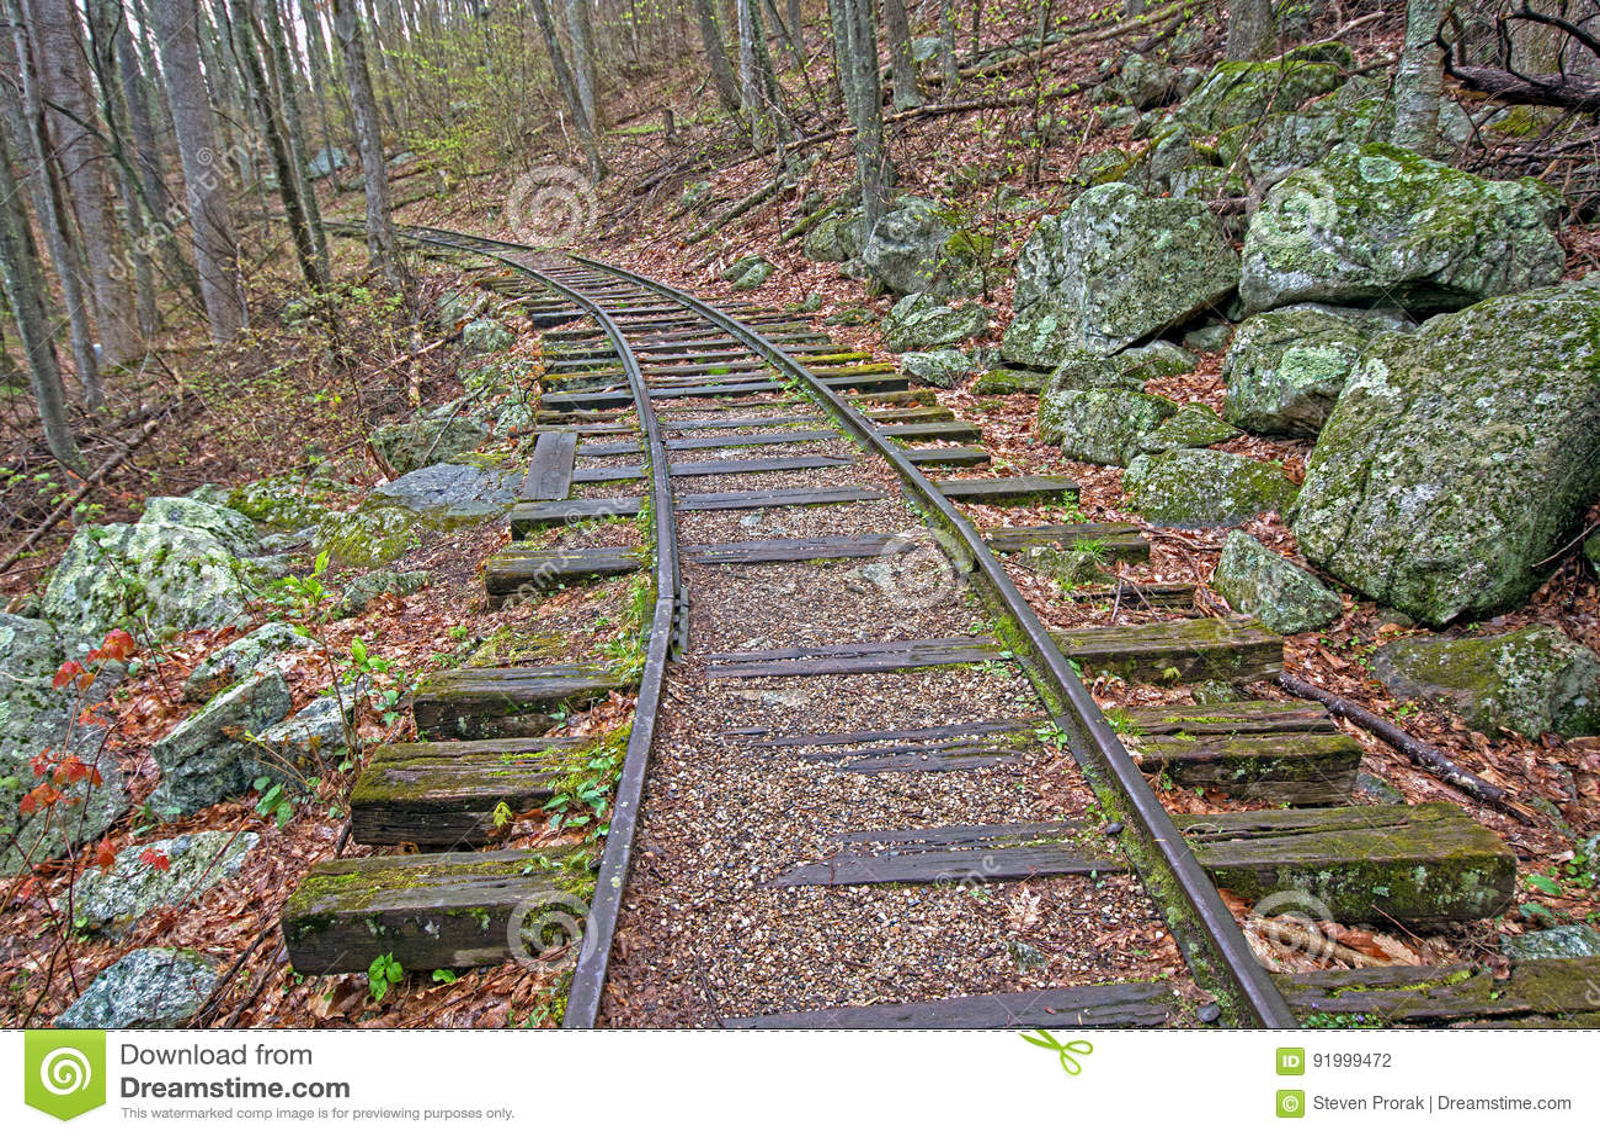 Altes Eisenbahn Bett Im Wald Stockfoto Bild Von Kante Verfallen